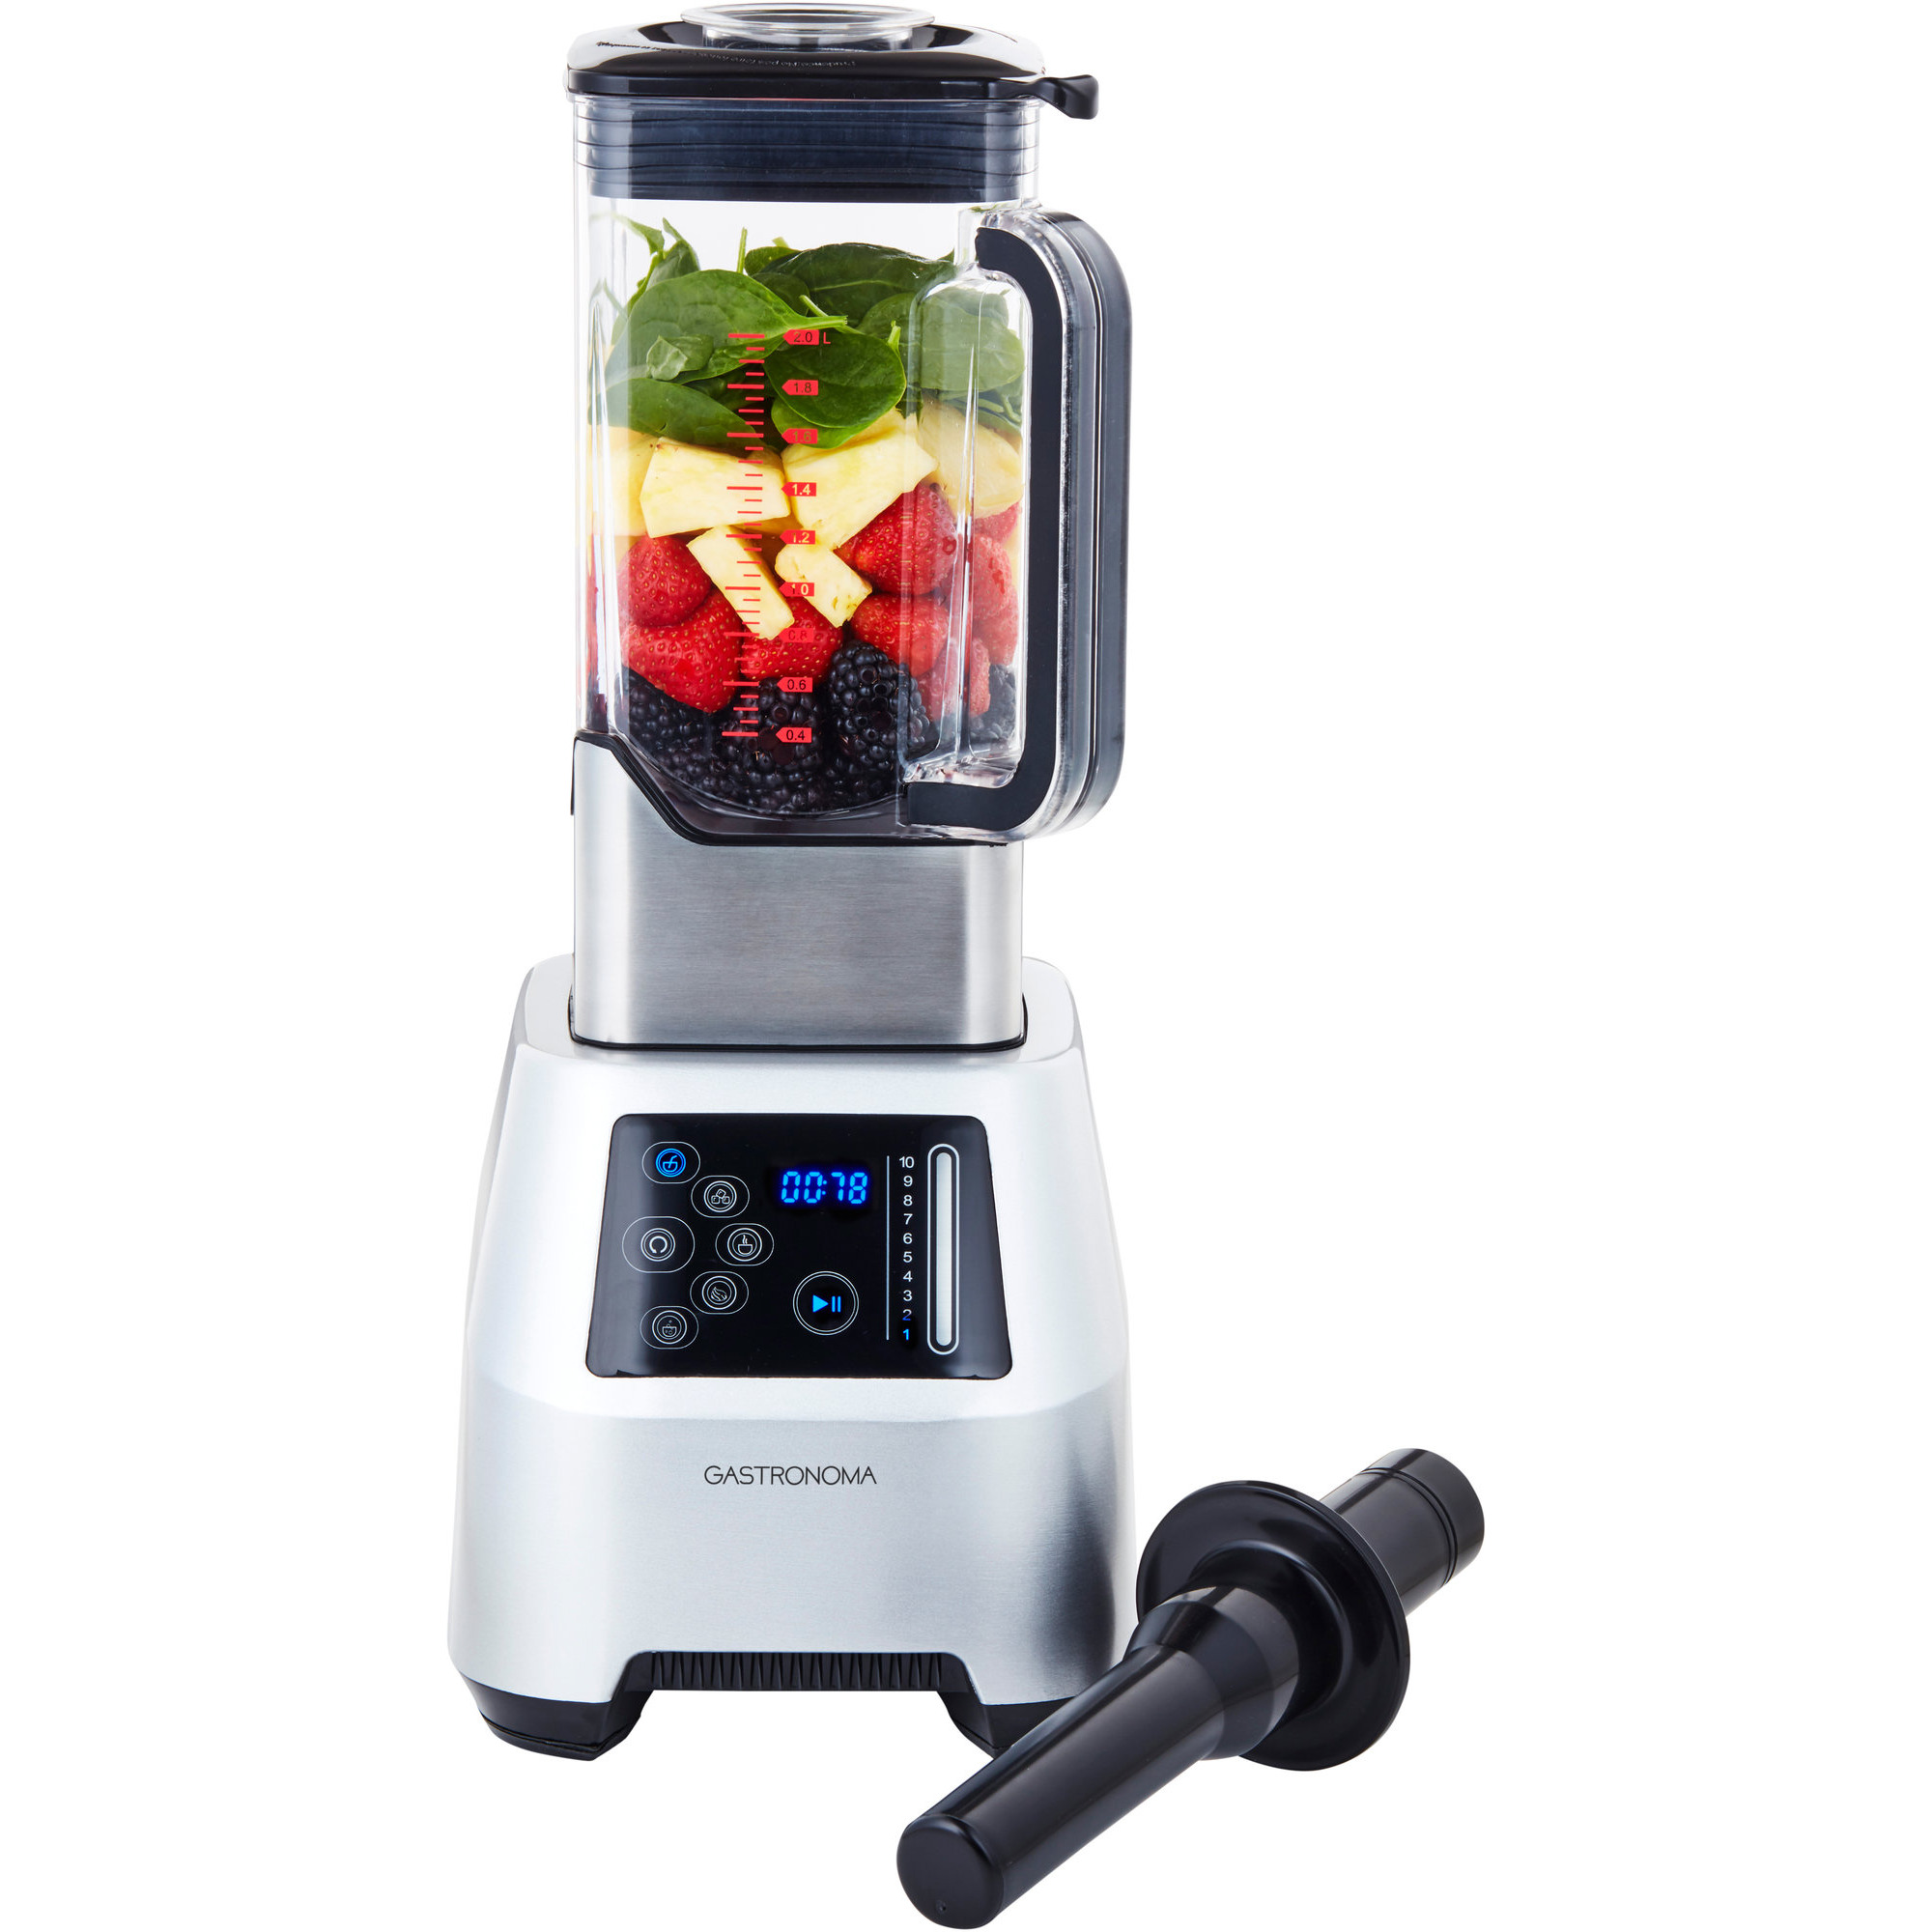 Gastronoma High Power Blender